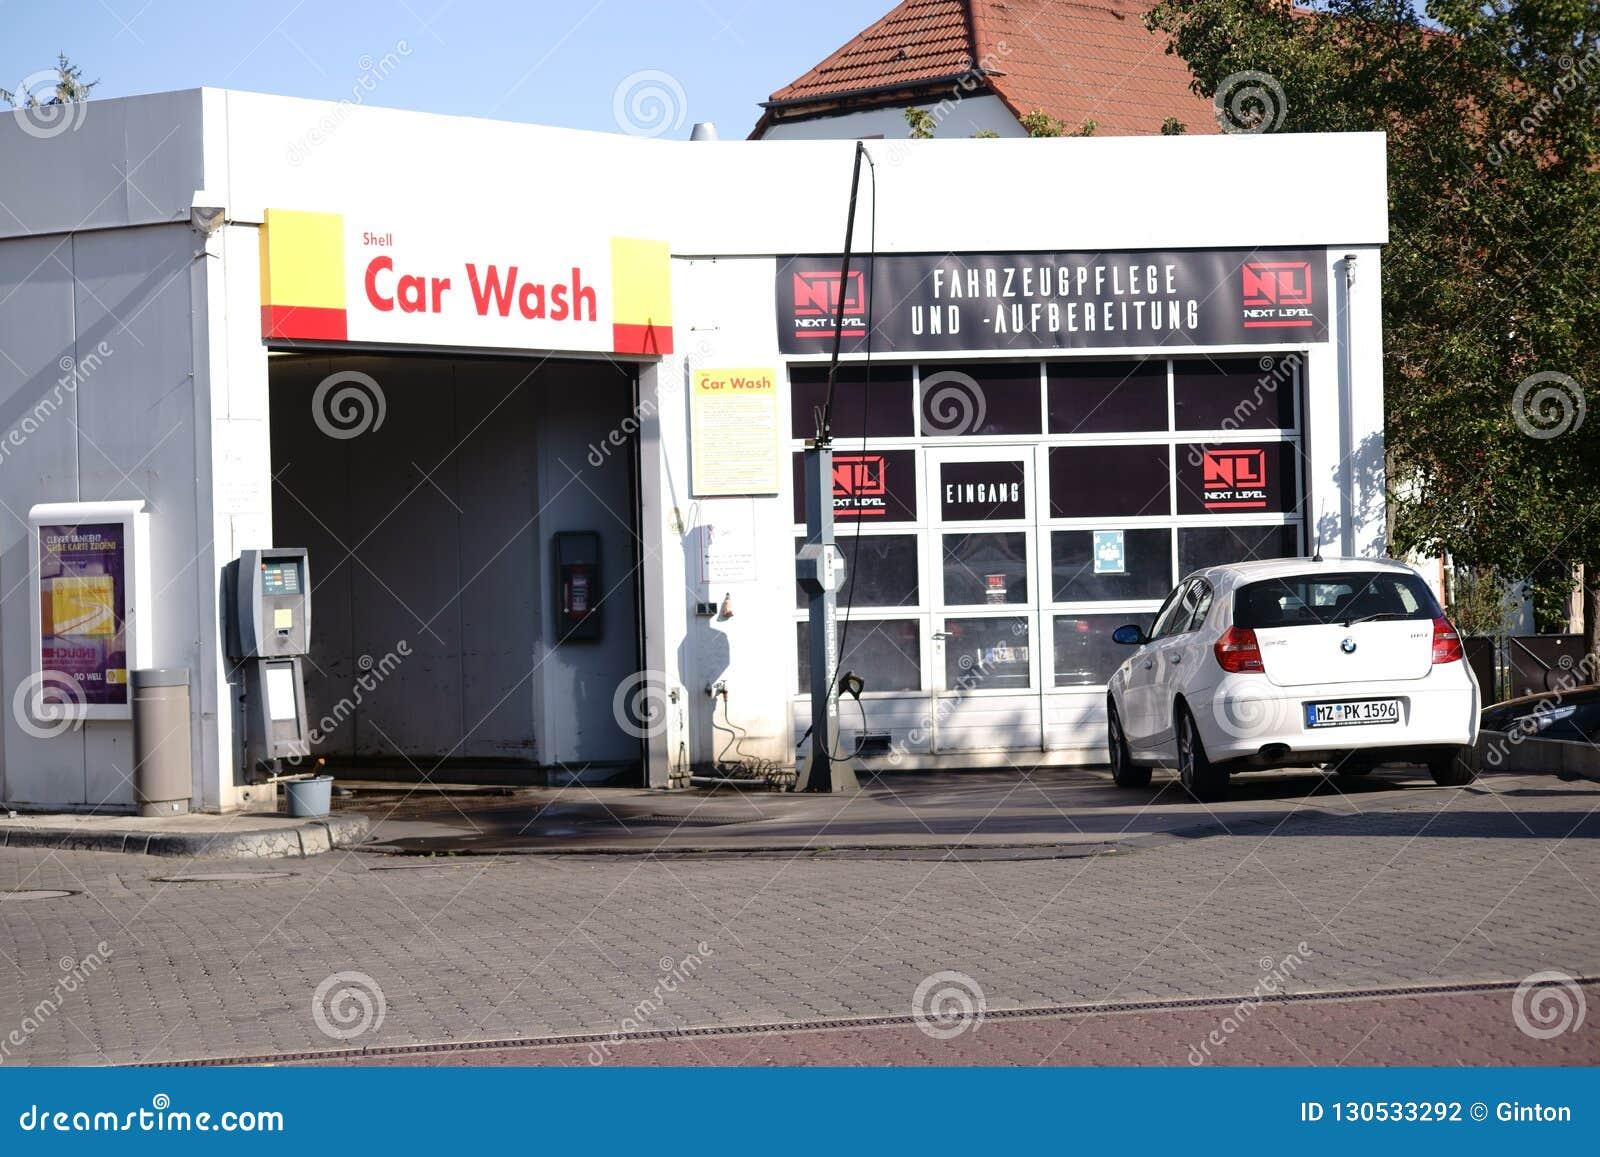 Car wash Shell gas station